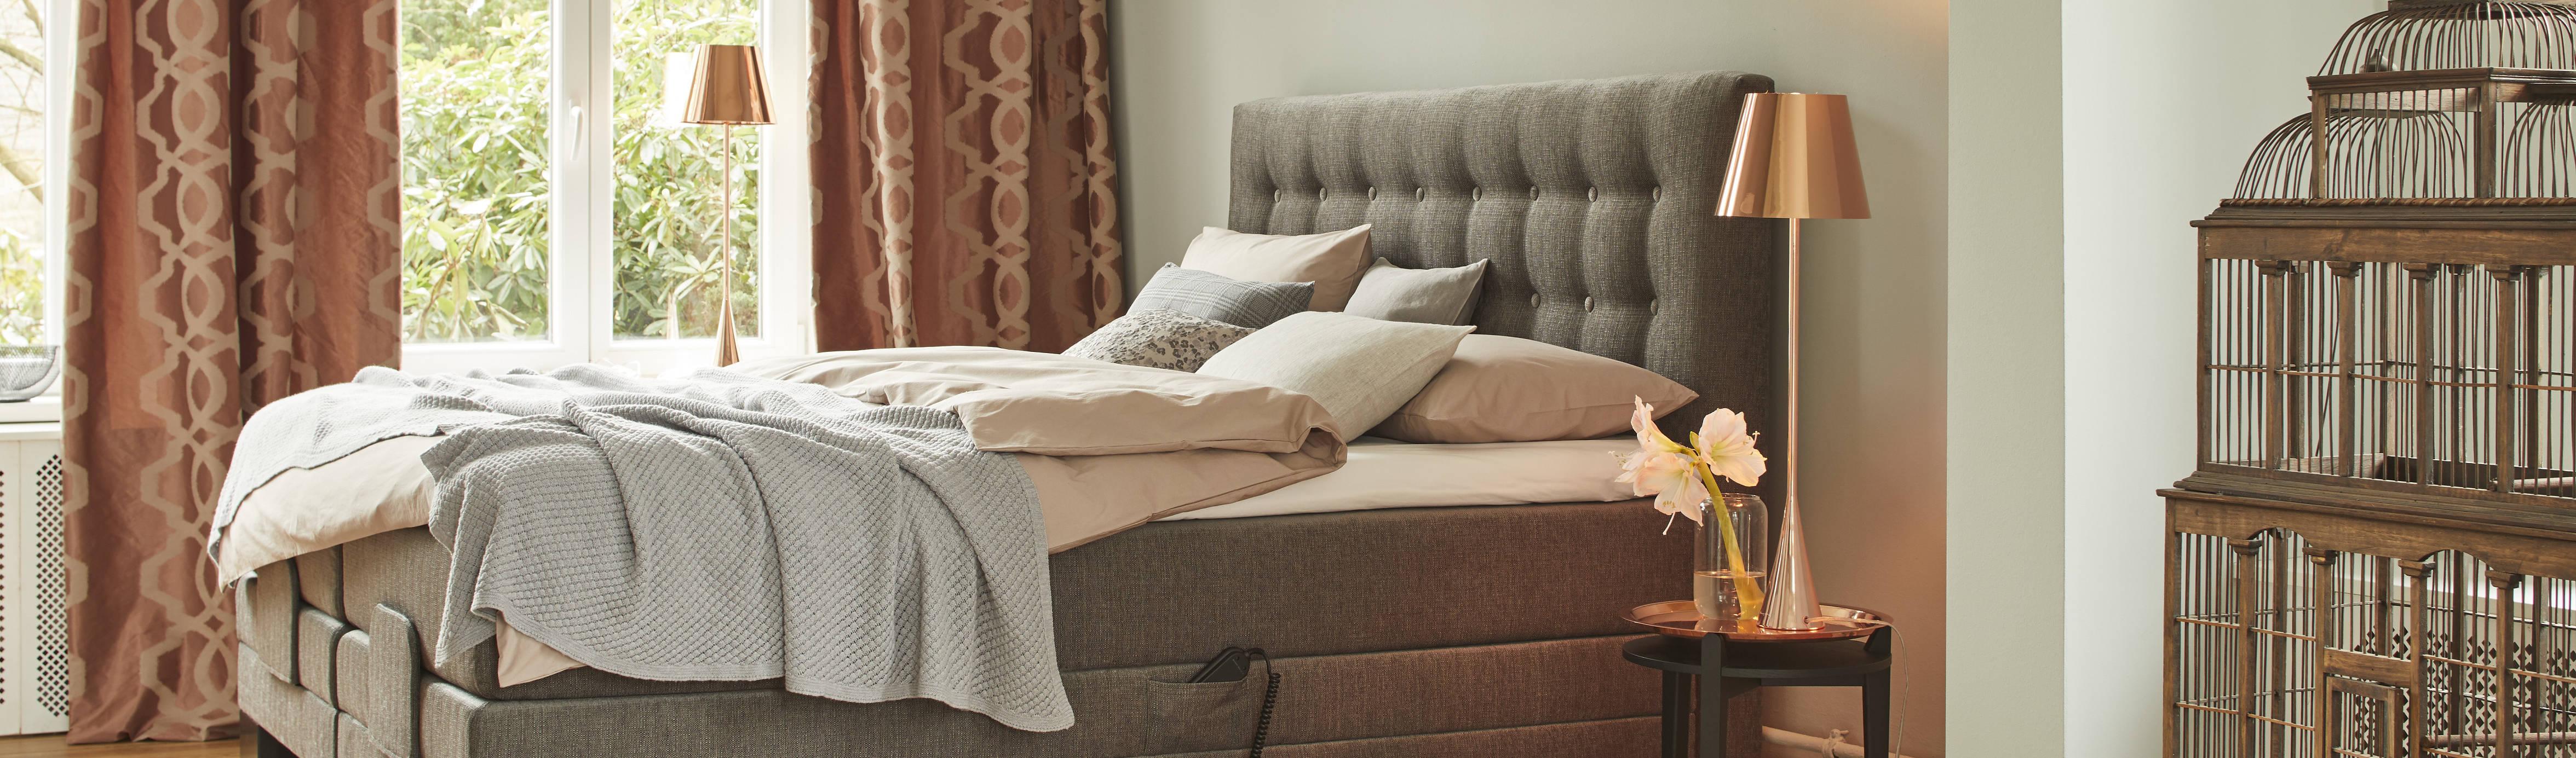 schlaraffia m bel accessoires in bochum homify. Black Bedroom Furniture Sets. Home Design Ideas